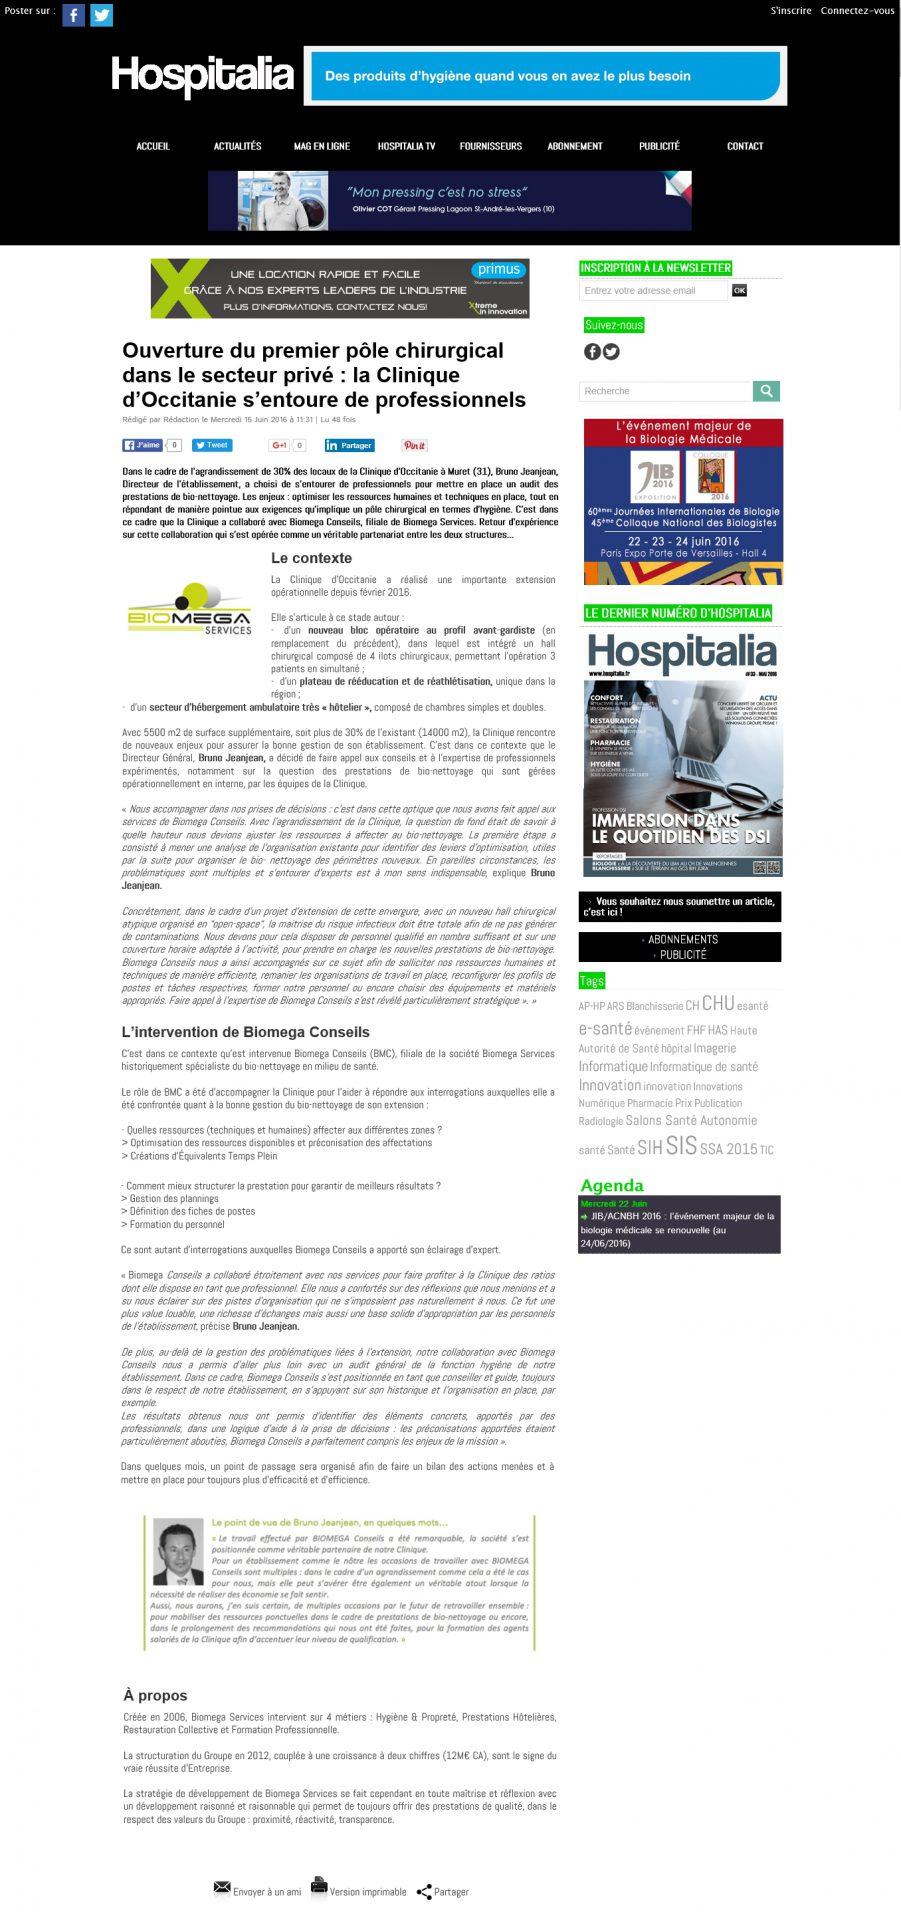 Biomega services - hospitalia.fr - Agence La Cerise